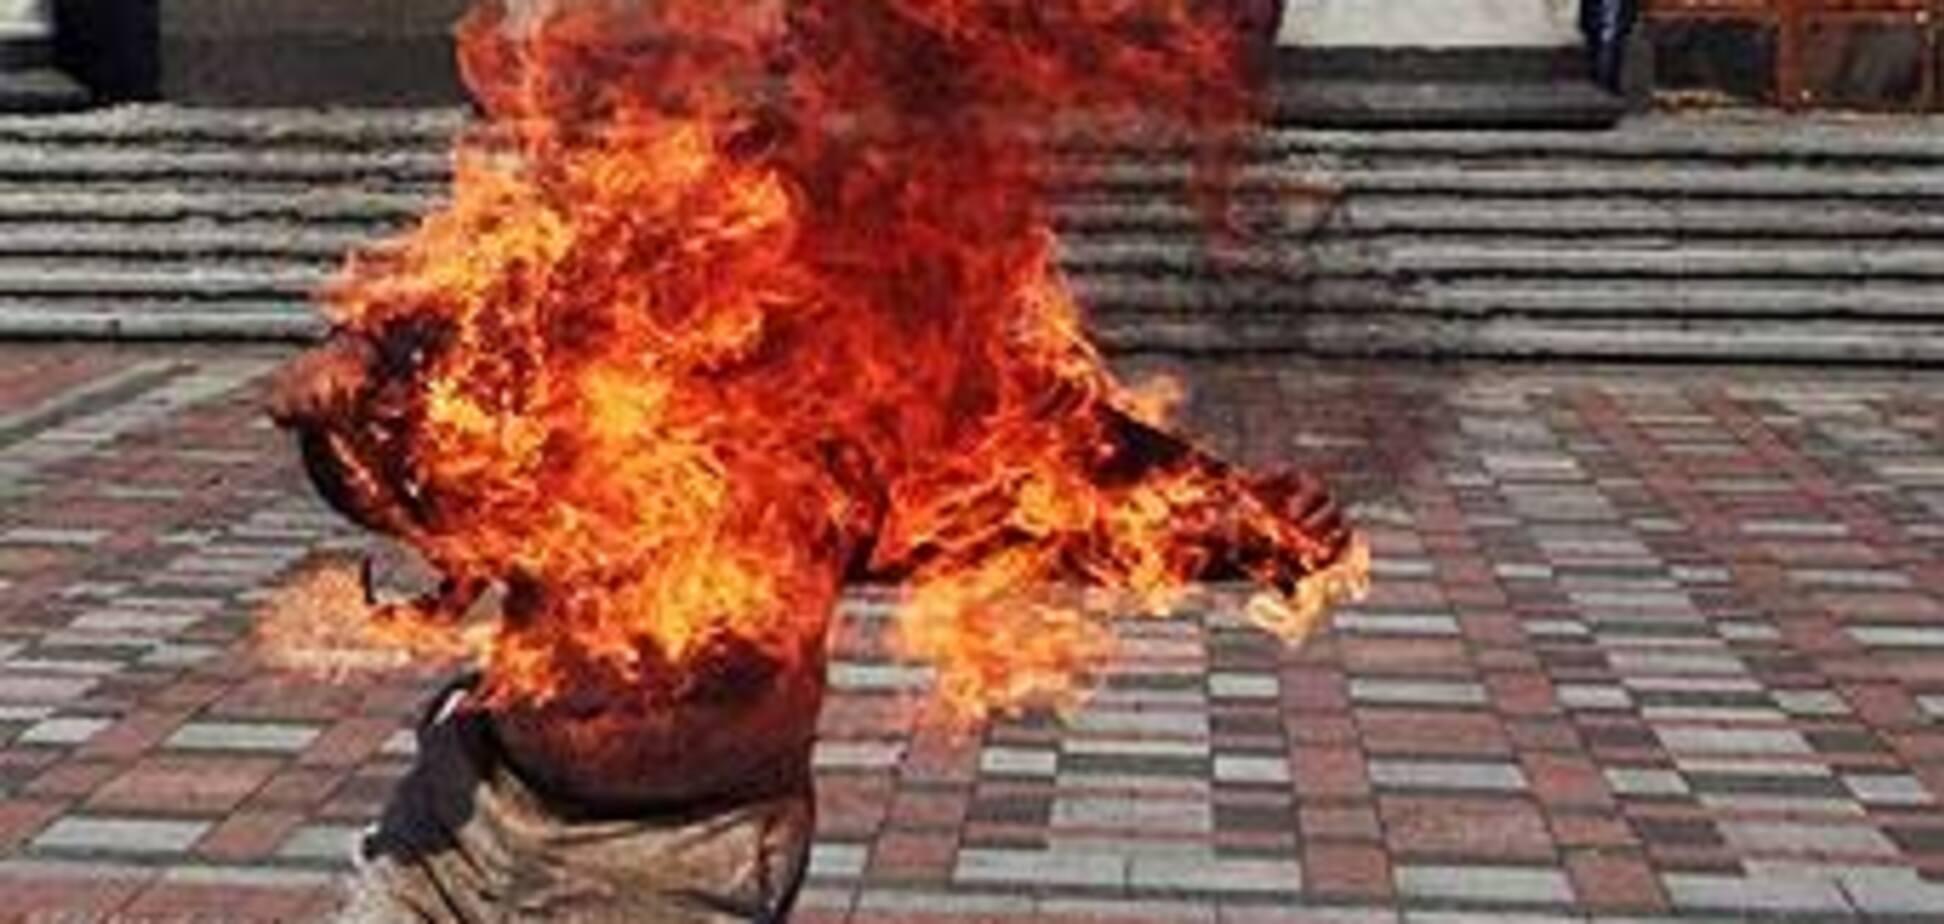 Пытавшийся сжечь себя сбежал из больницы